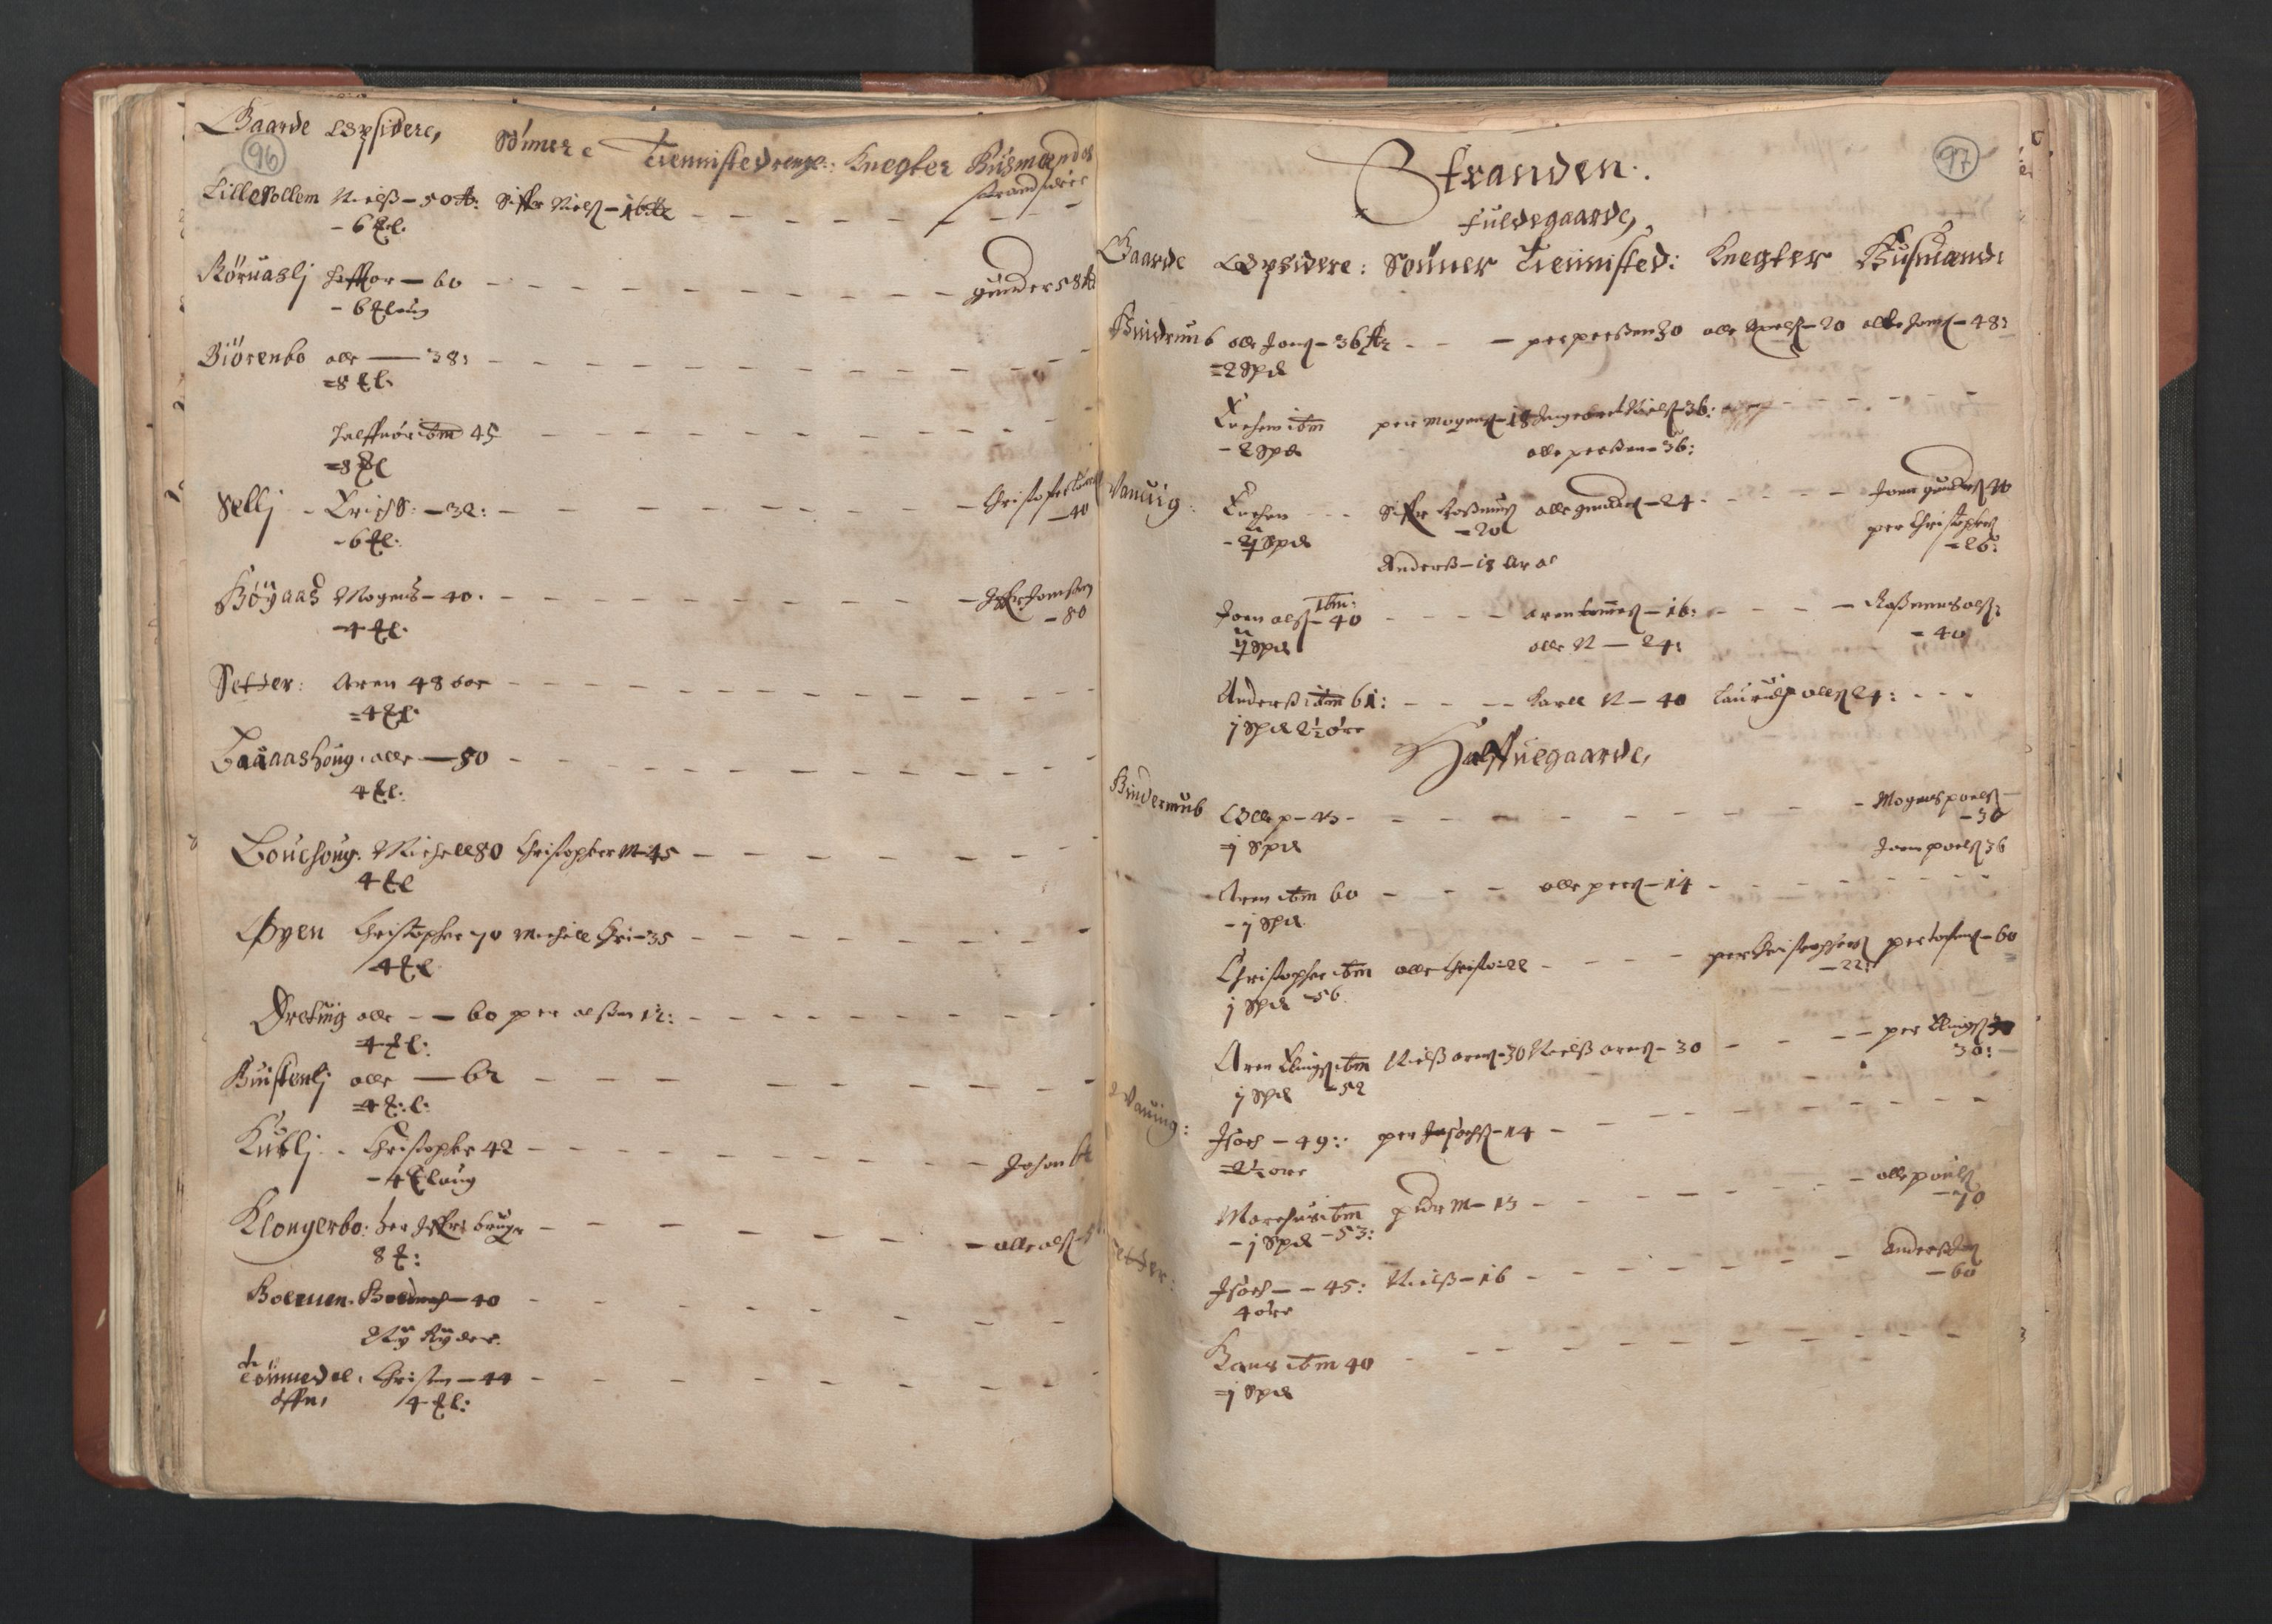 RA, Fogdenes og sorenskrivernes manntall 1664-1666, nr. 19: Fosen fogderi, Inderøy fogderi, Selbu fogderi, Namdal fogderi og Stjørdal fogderi, 1664-1665, s. 96-97